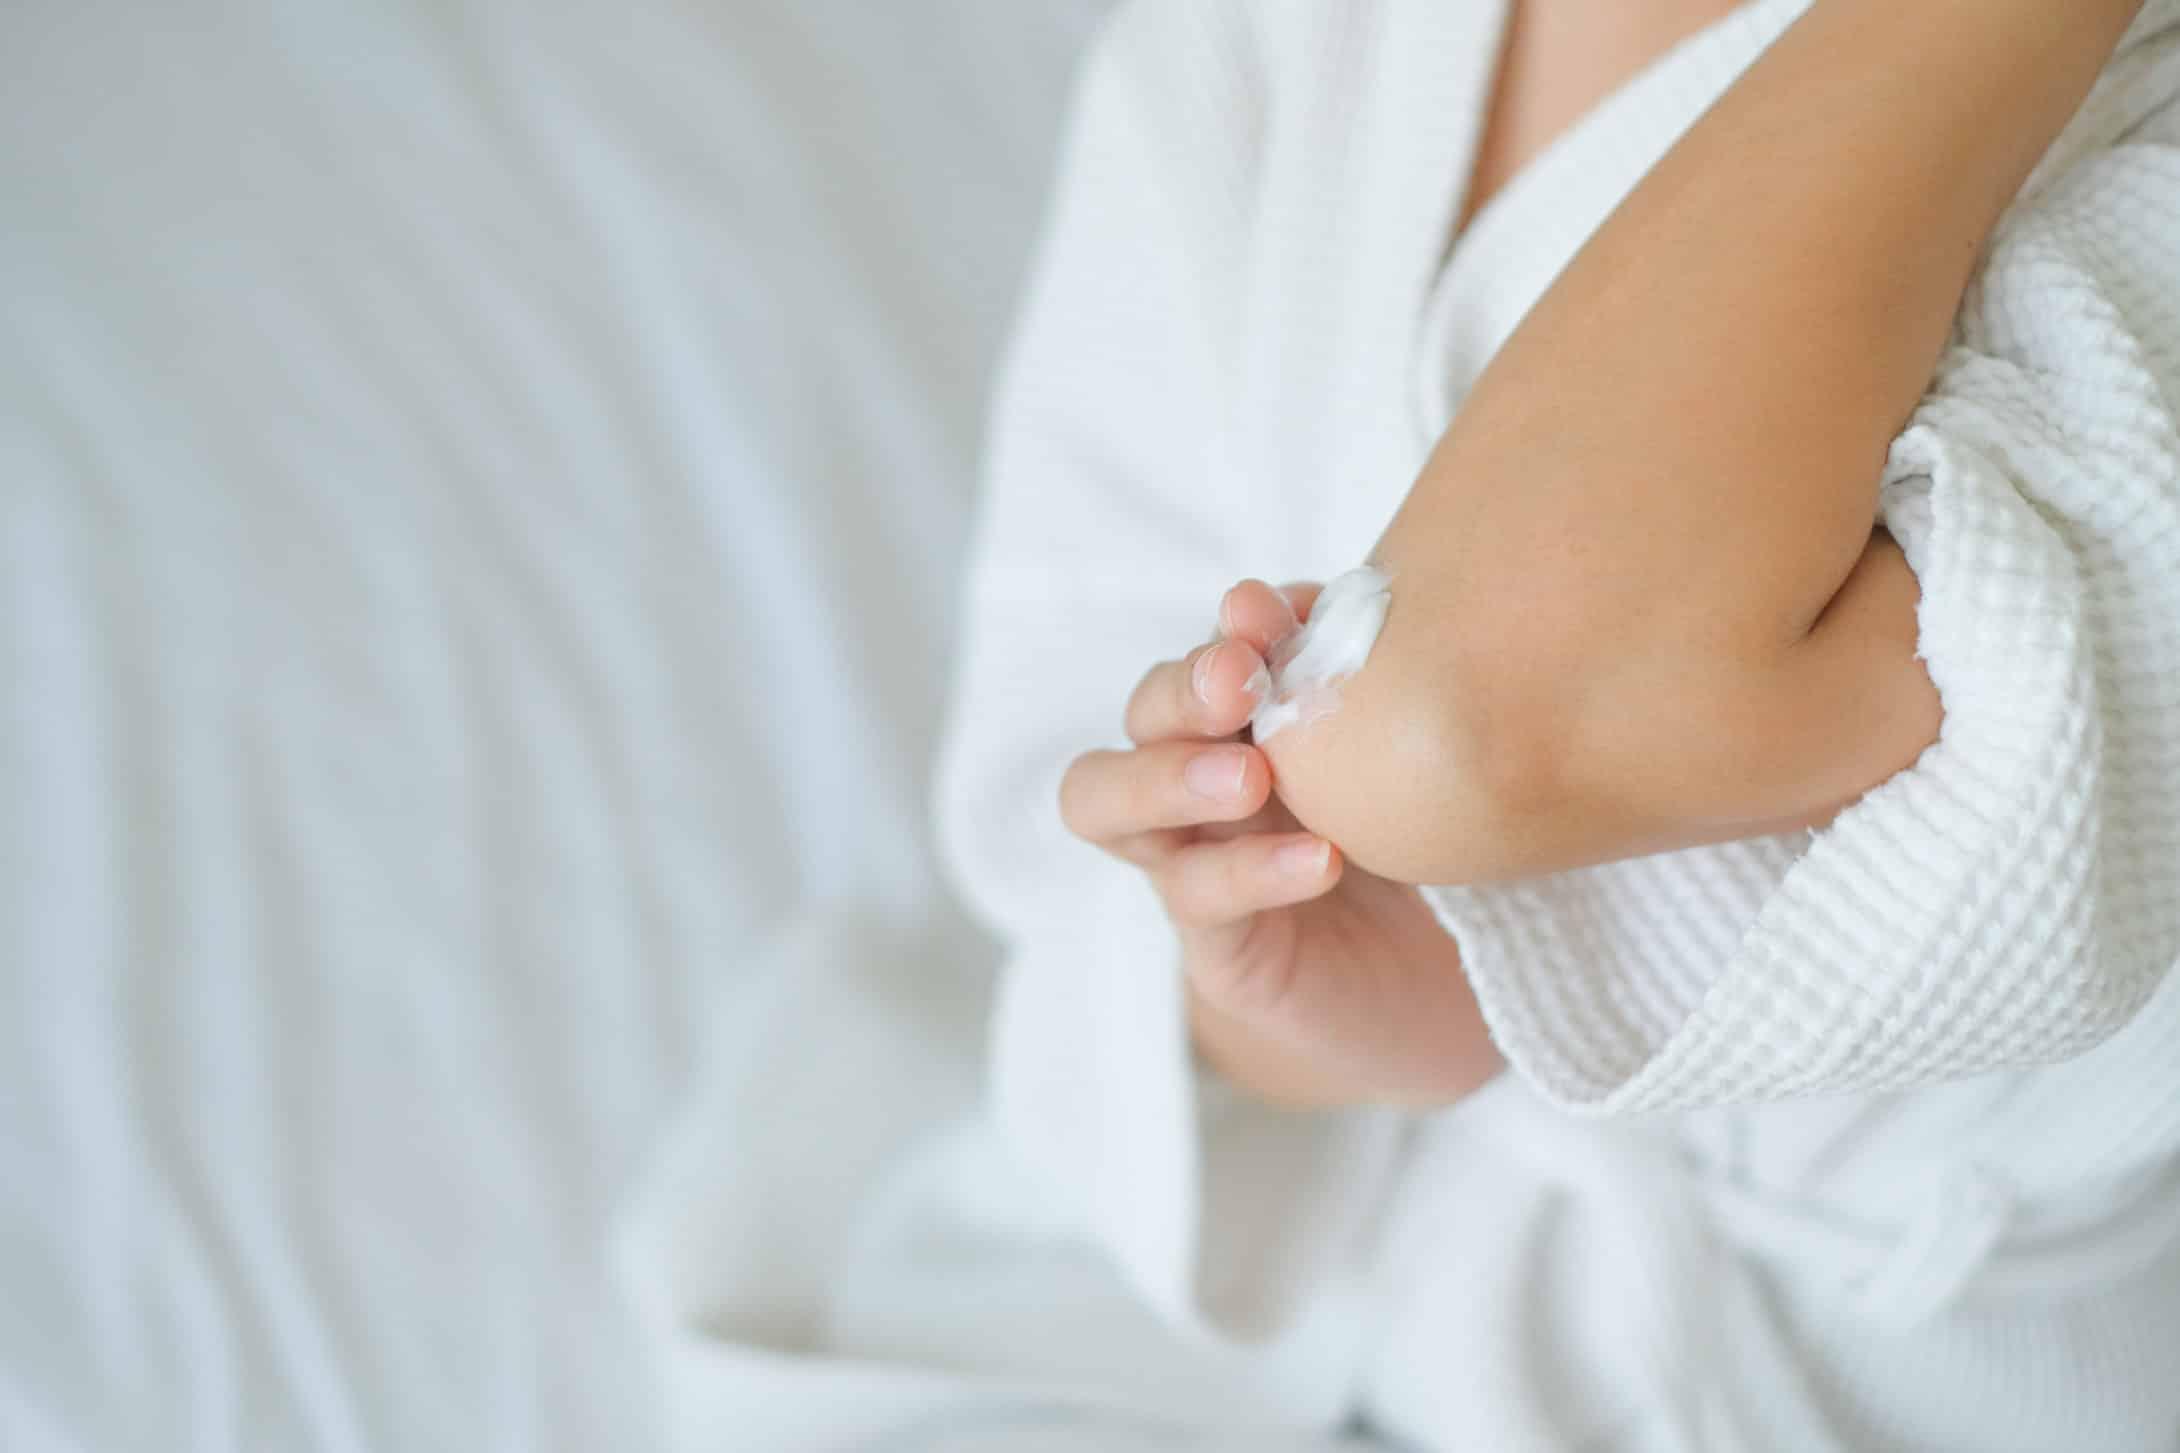 Žena nanosi kremu na suvu kožu lakta